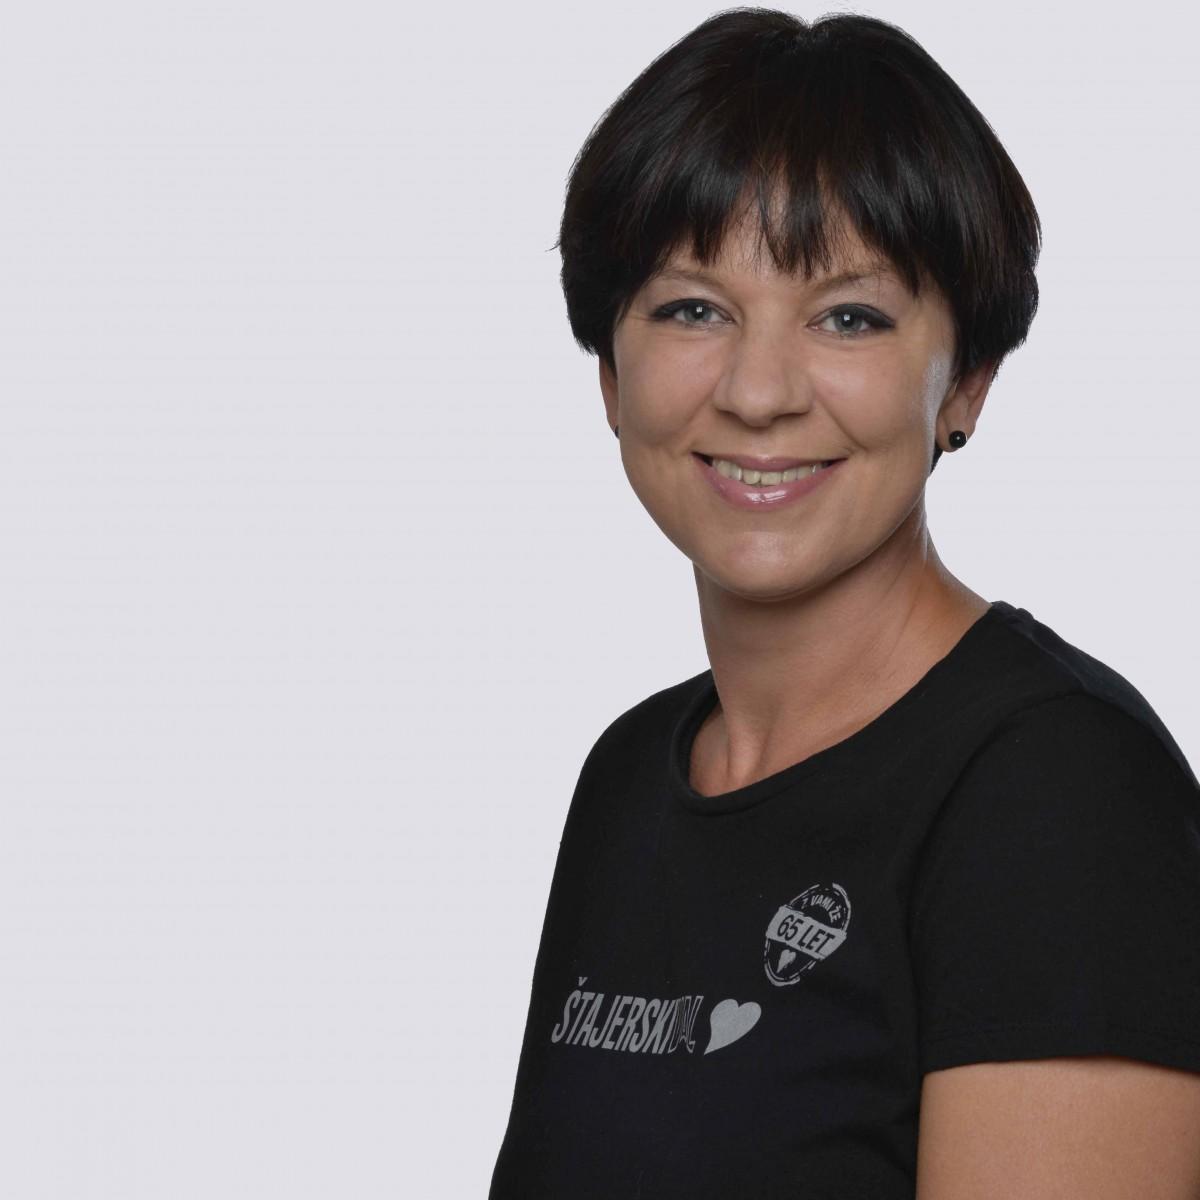 Diana Sobočan Černjavič